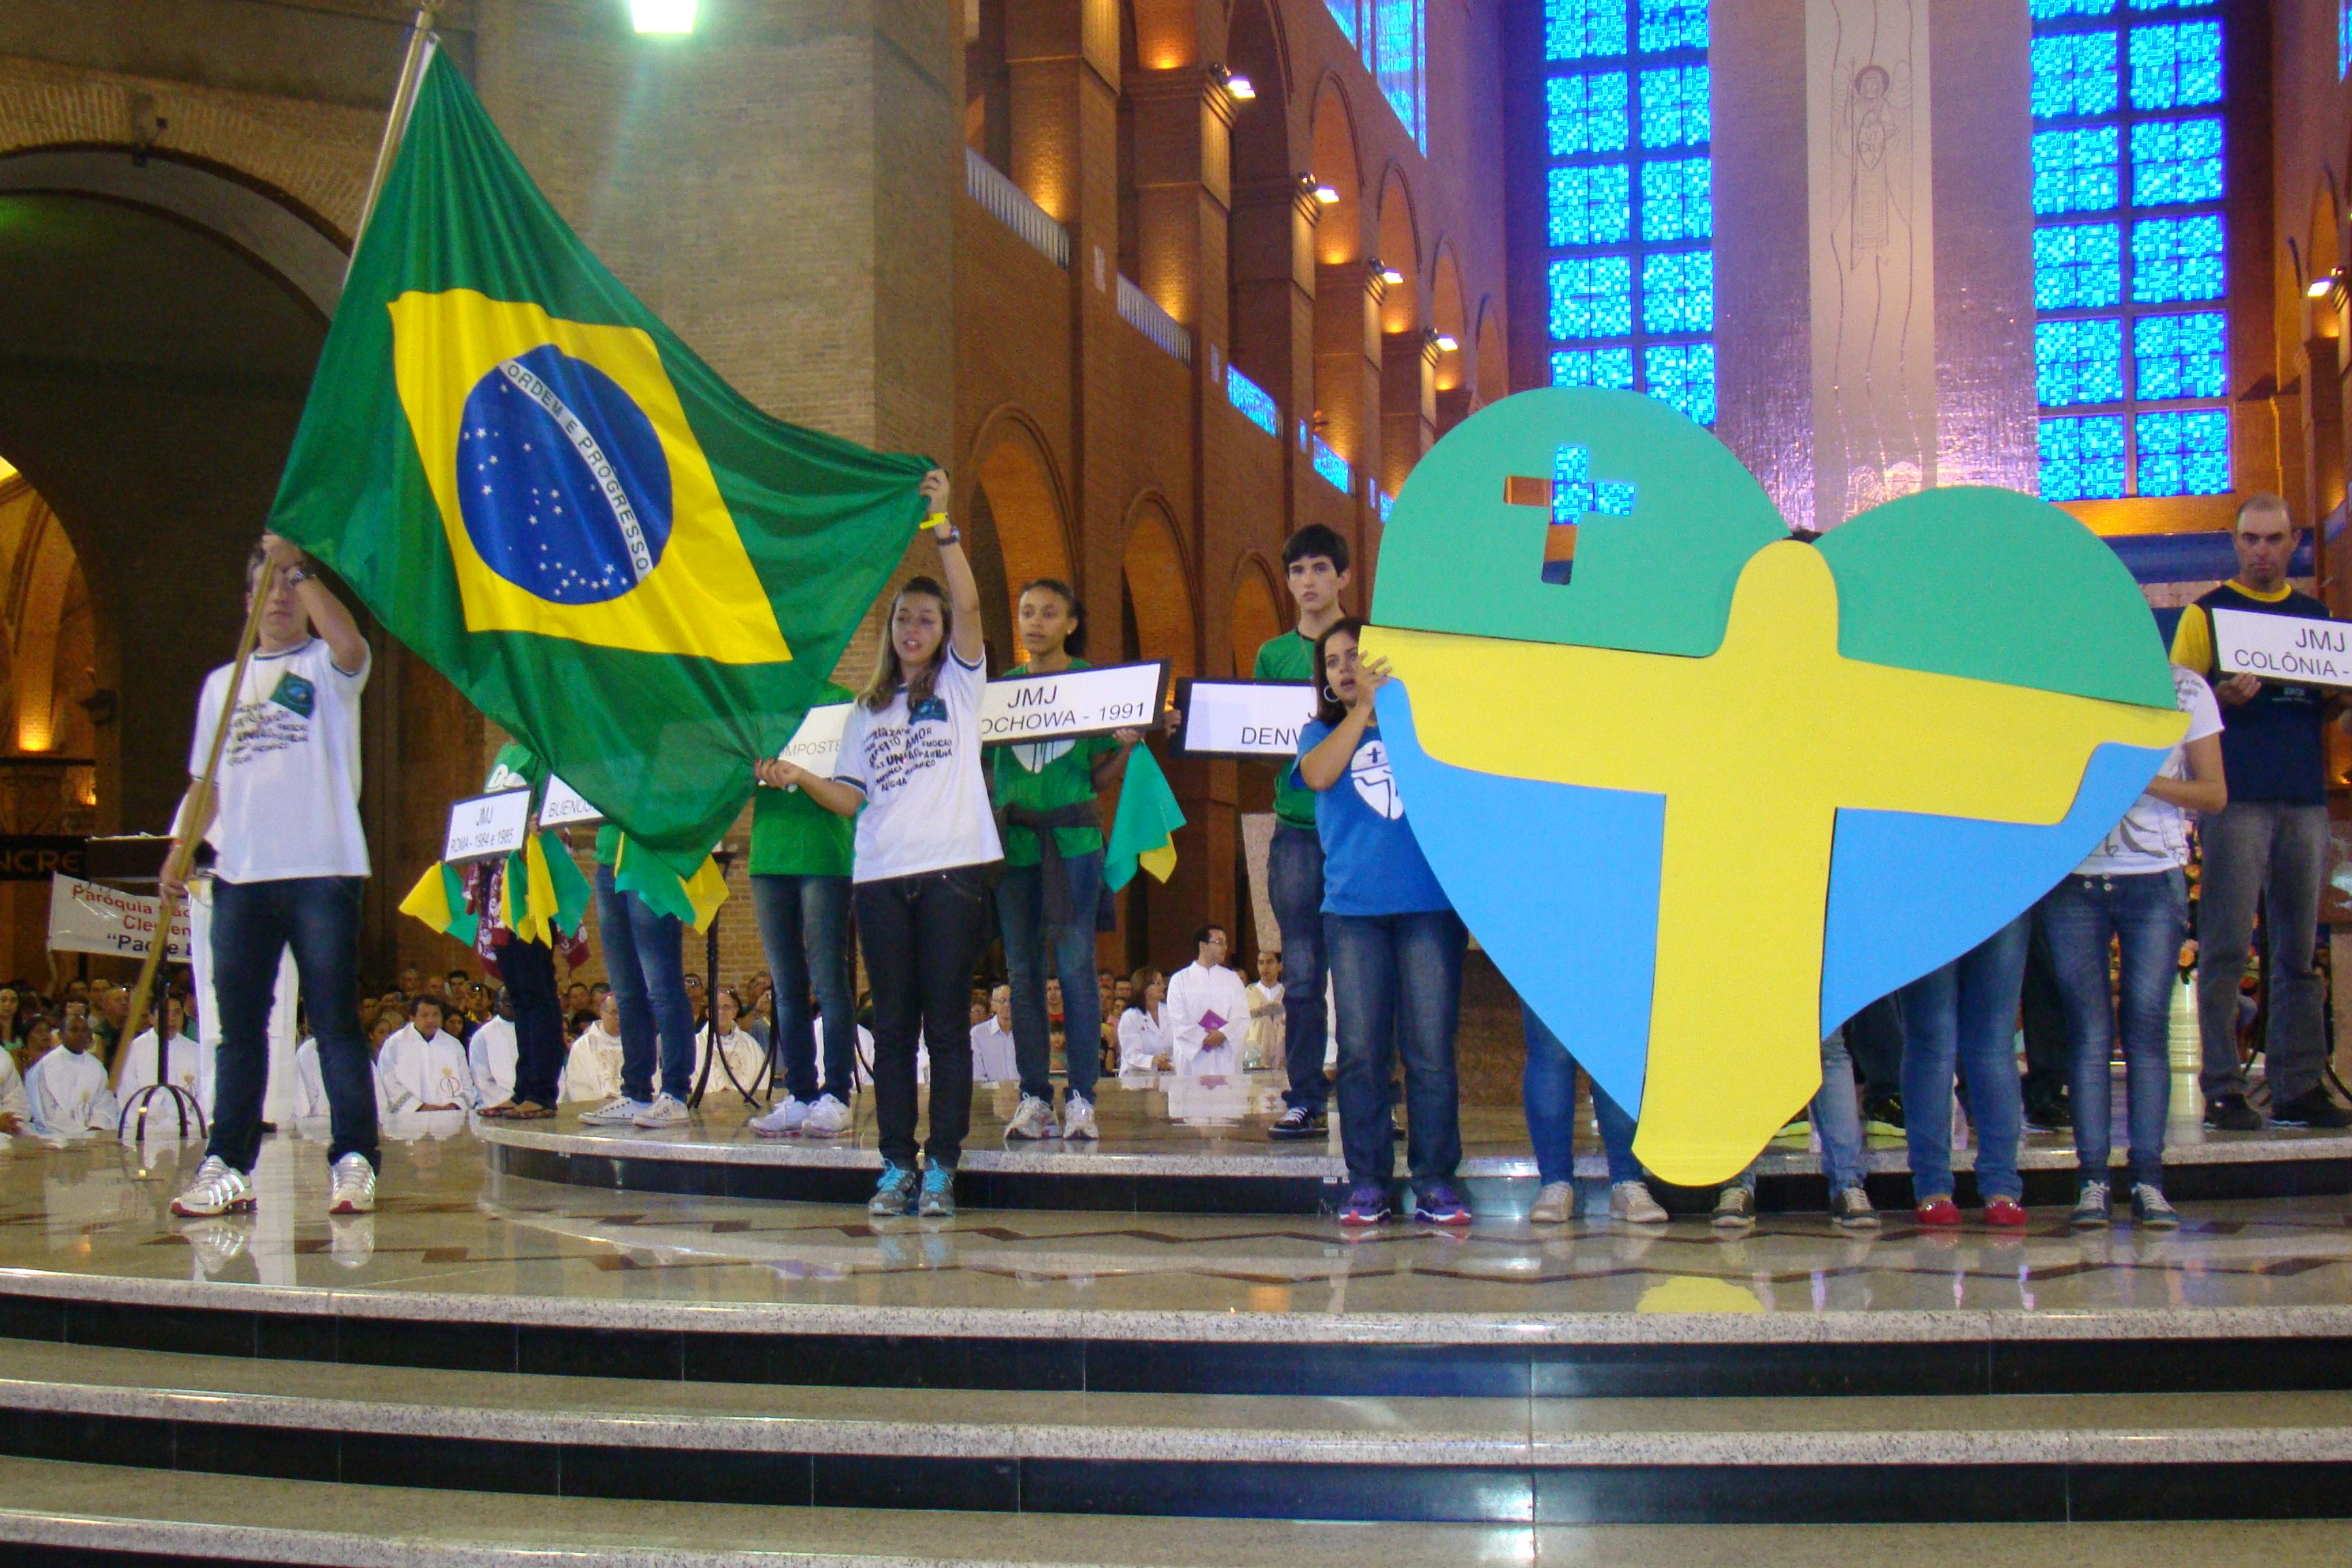 Bote Fé Aparecida: última estação dos símbolos da JMJ antes do estado do Rio de Janeiro